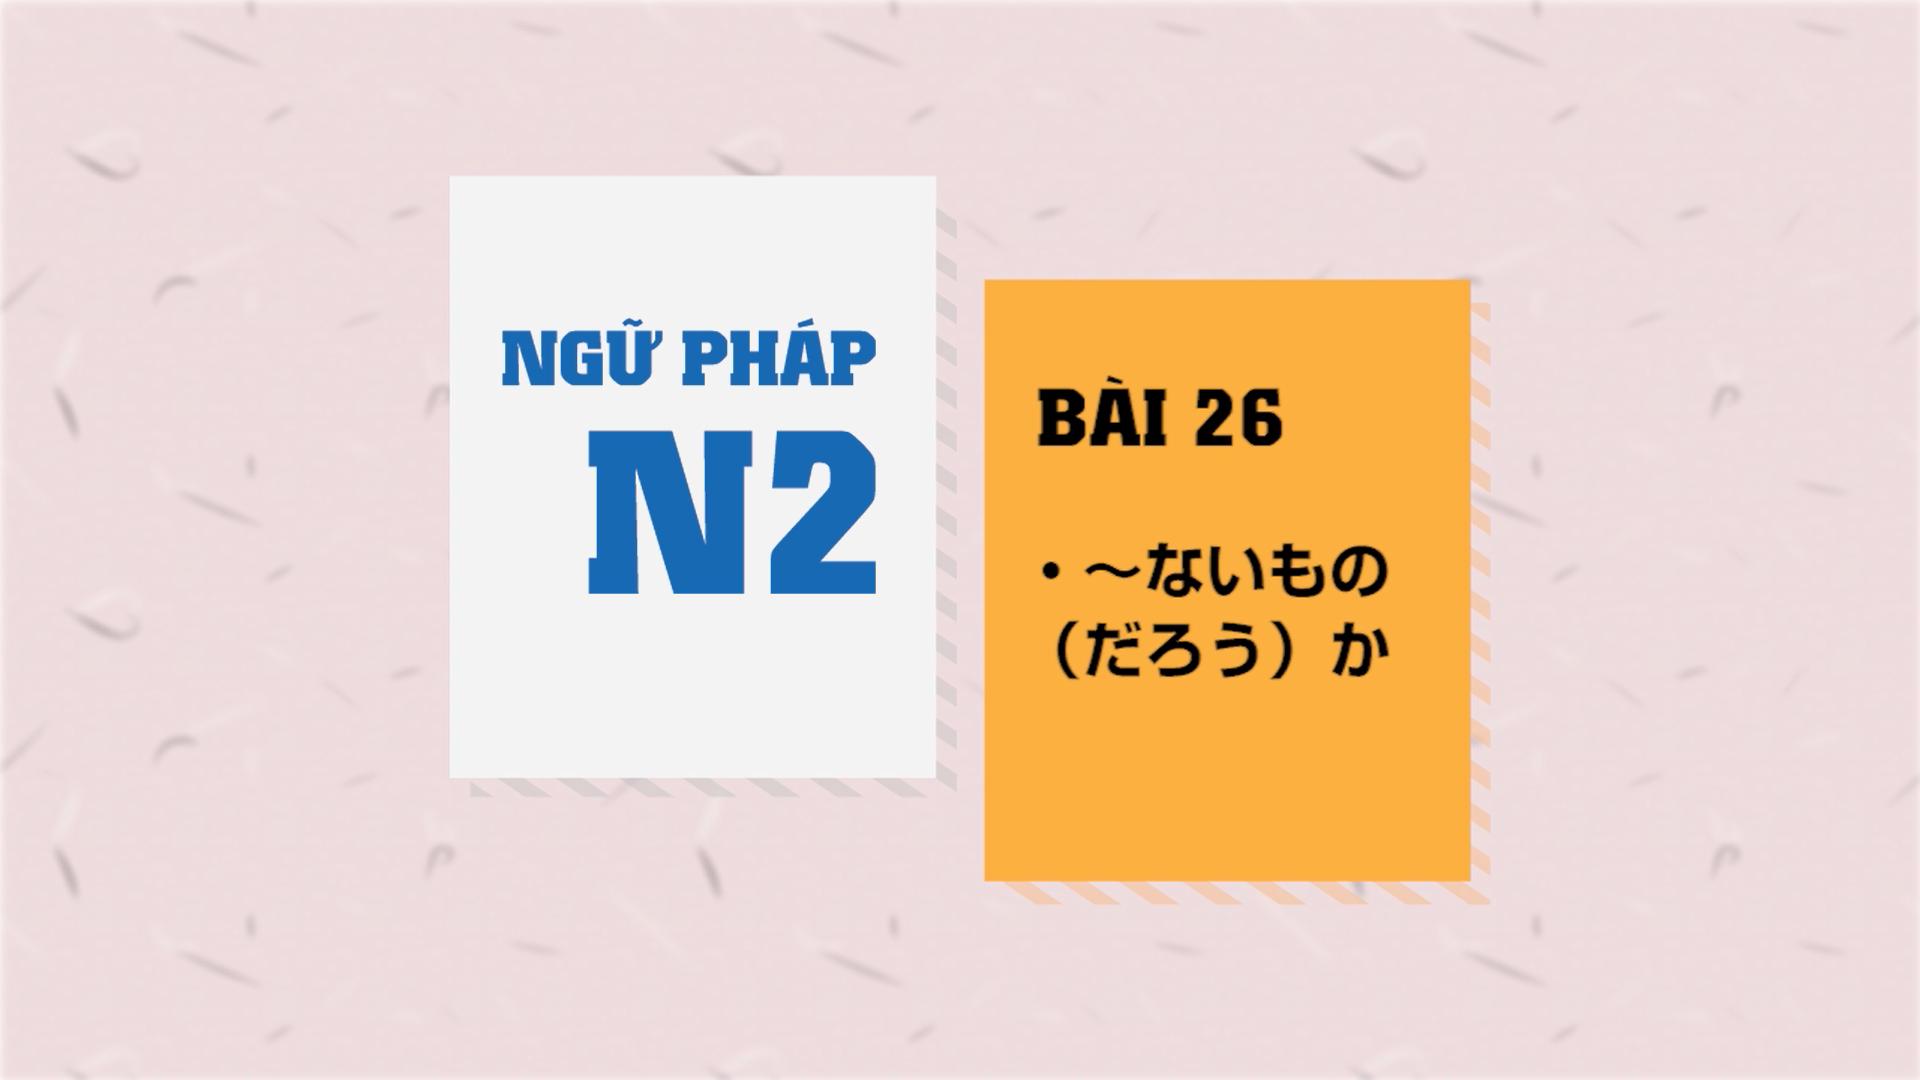 [Ngữ pháp N2] Bài 26: 〜ないもの(だろう)か